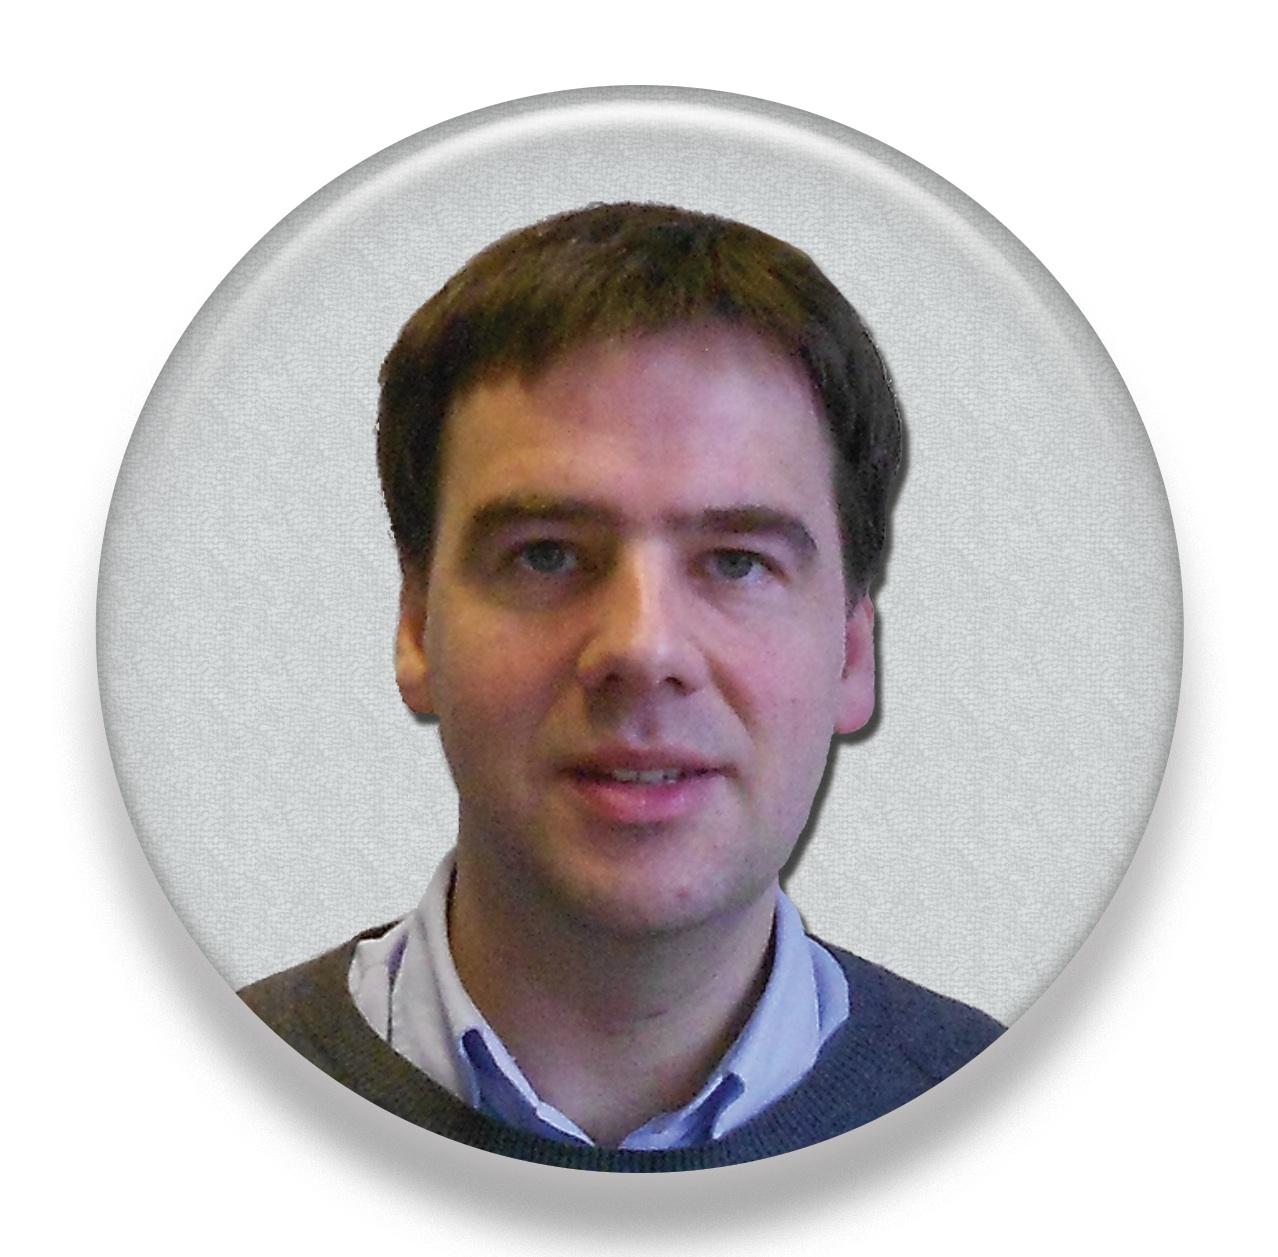 Tobias Kramer